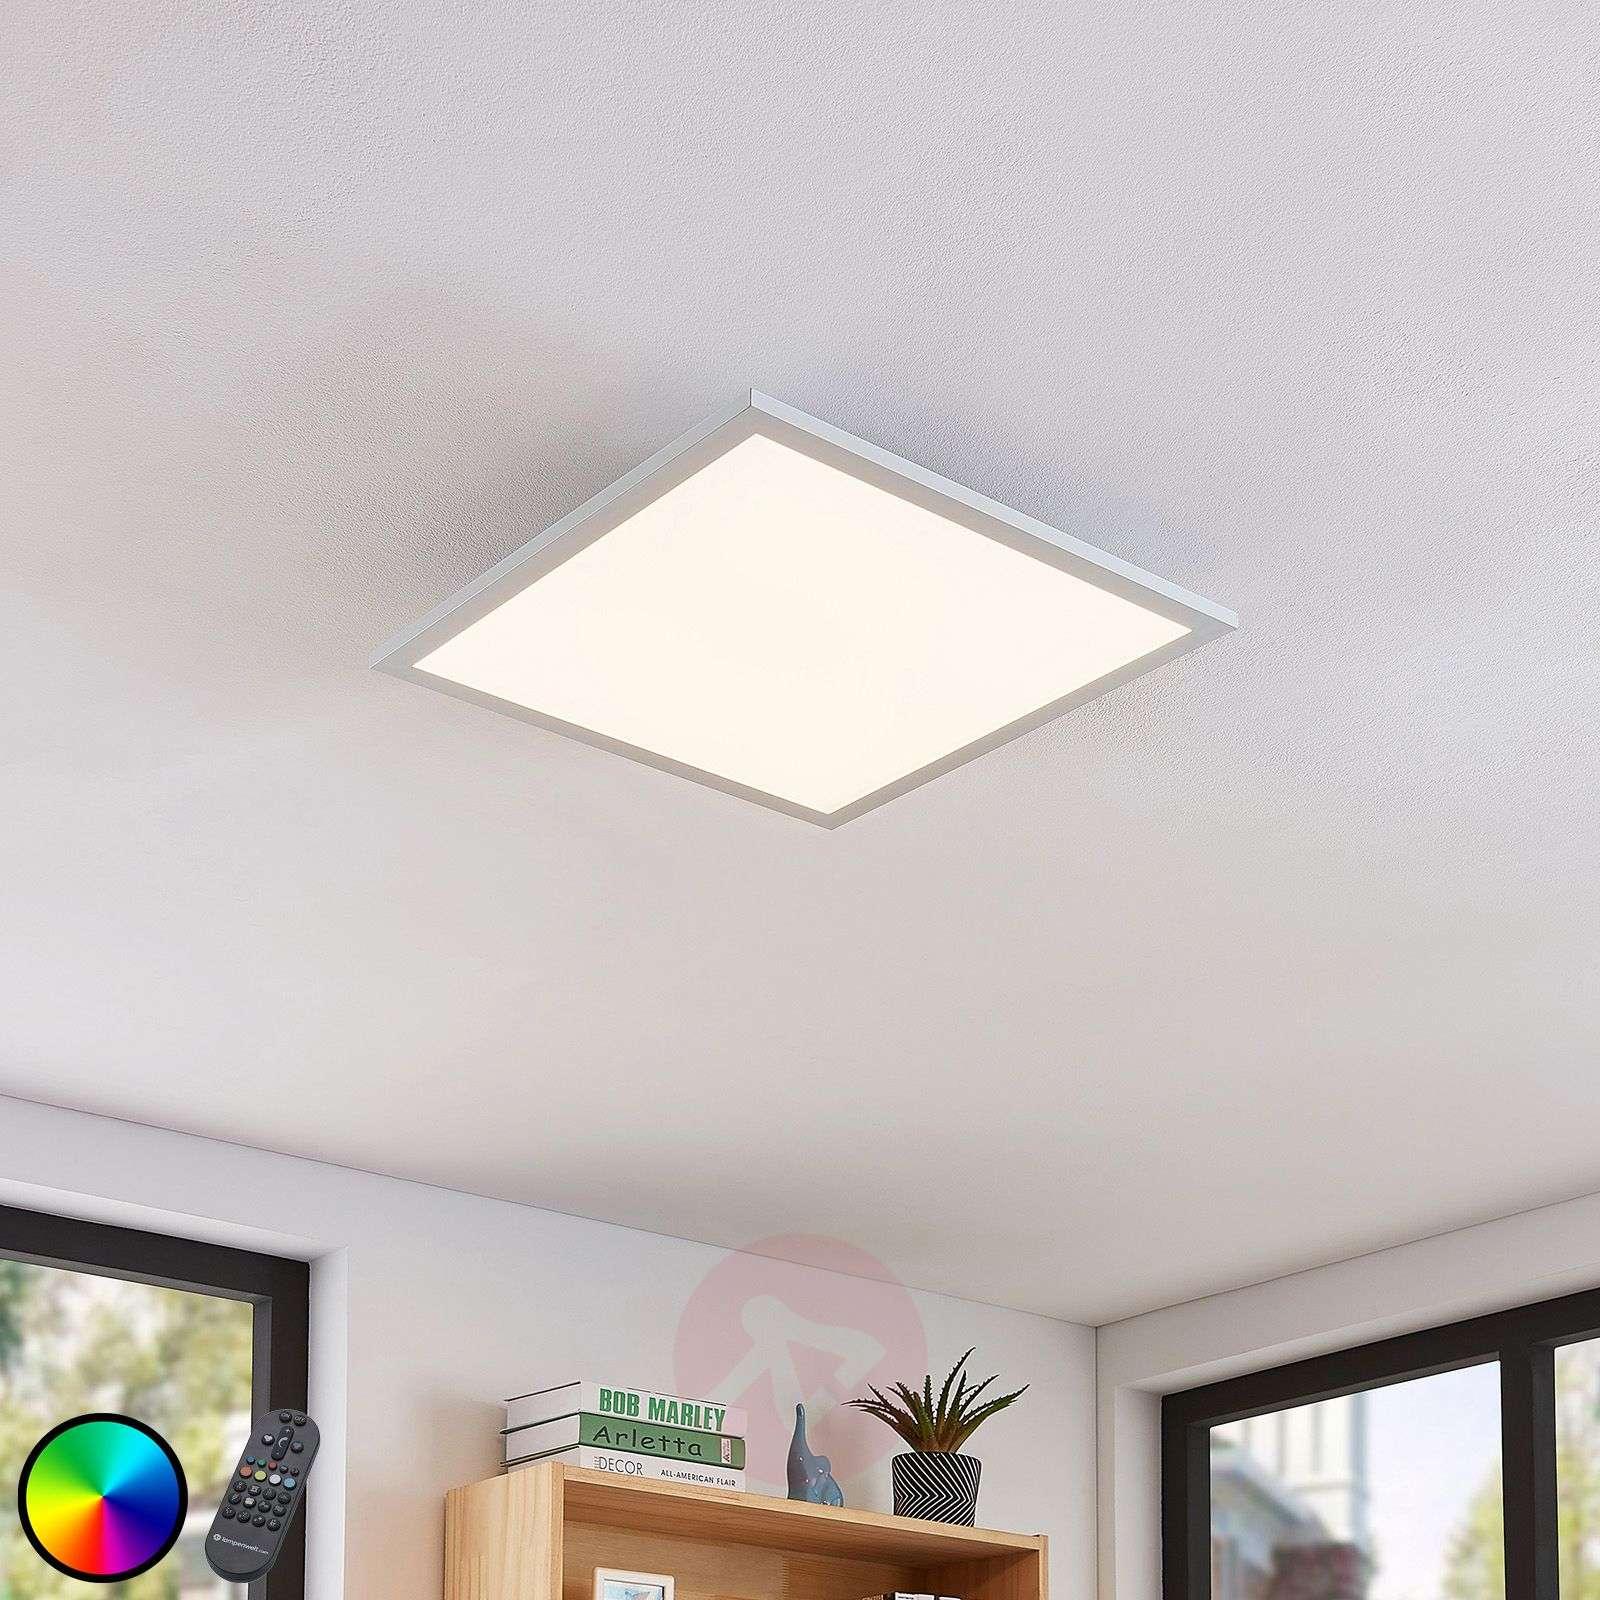 LED-kattovalaisin Milian kaukosäätimellä 45x45cm-7620059-02